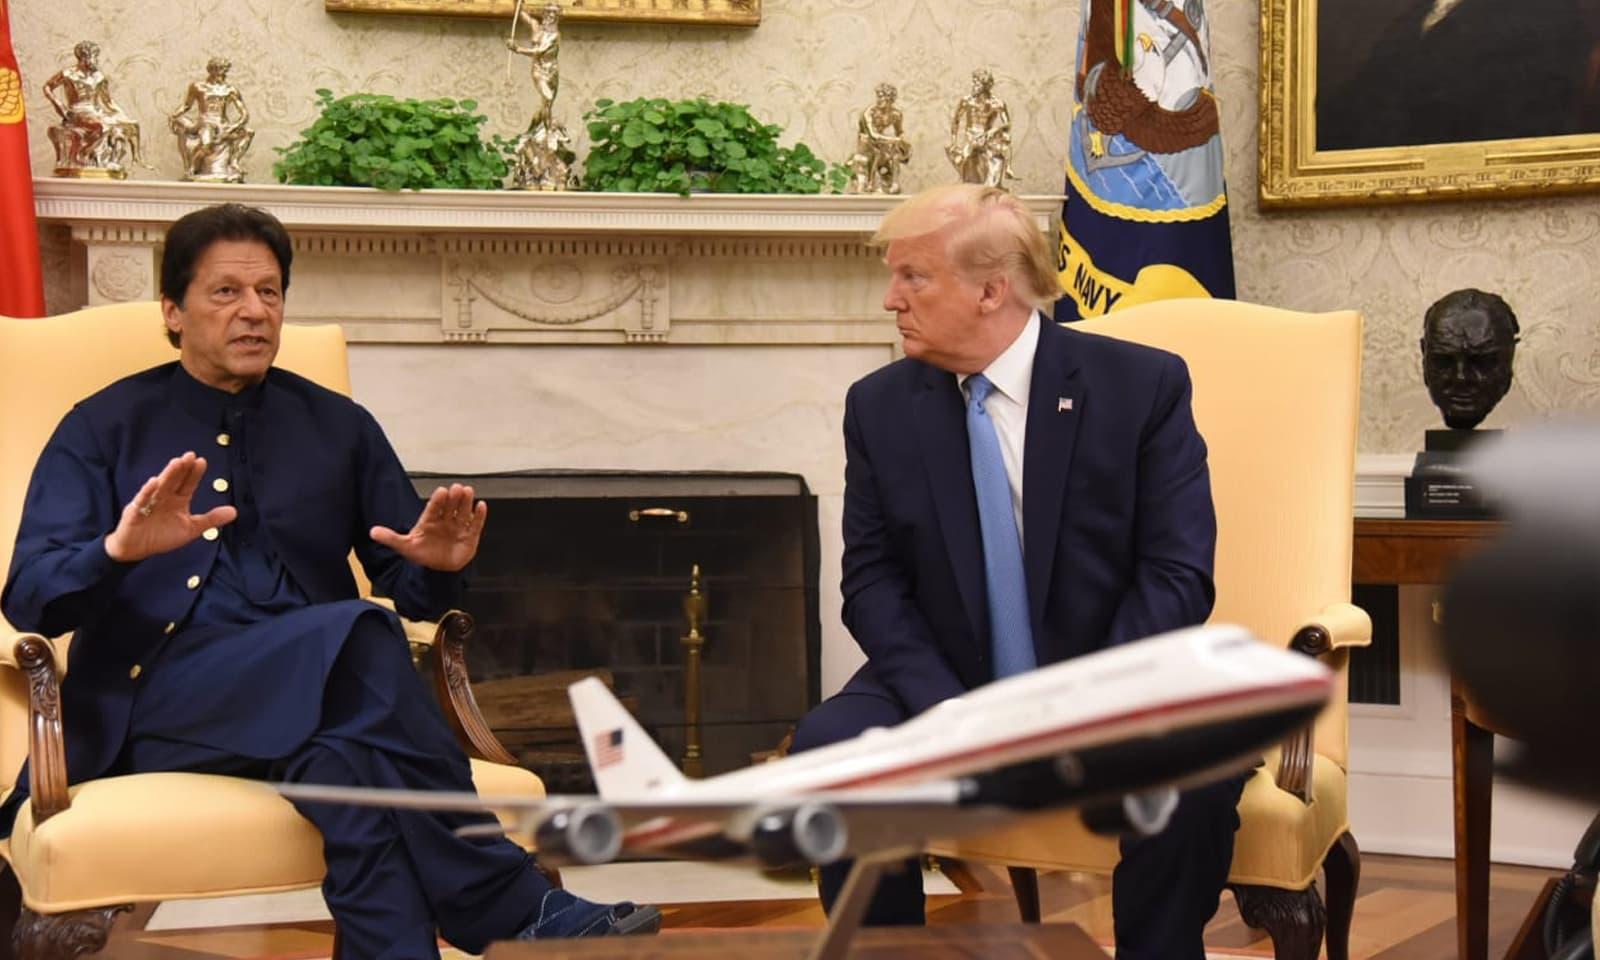 عمران خان اور ڈونلڈ ٹرمپ کے مابین دوطرفہ دلچسپی کے امور پر تبادلہ خیال ہوا—فوٹو: بشکریہ ٹوئٹر